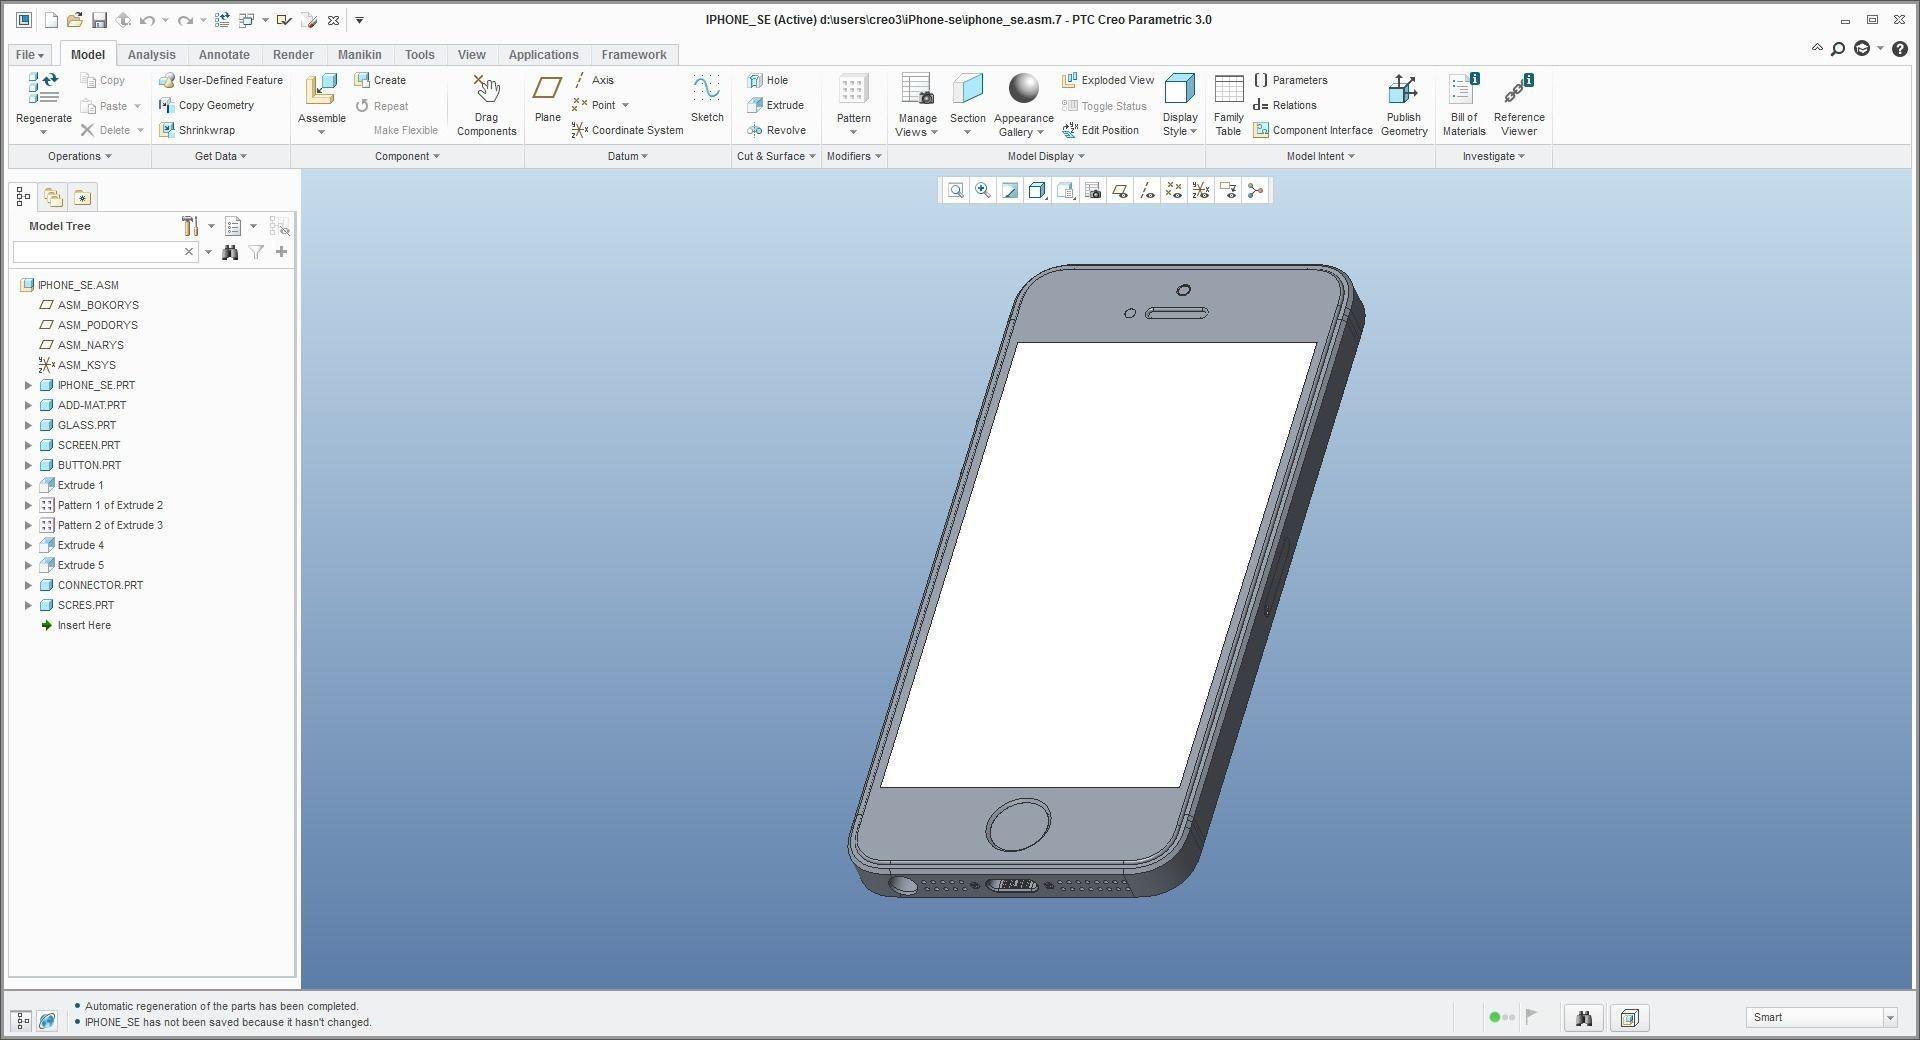 iPhone SE - original dimensions